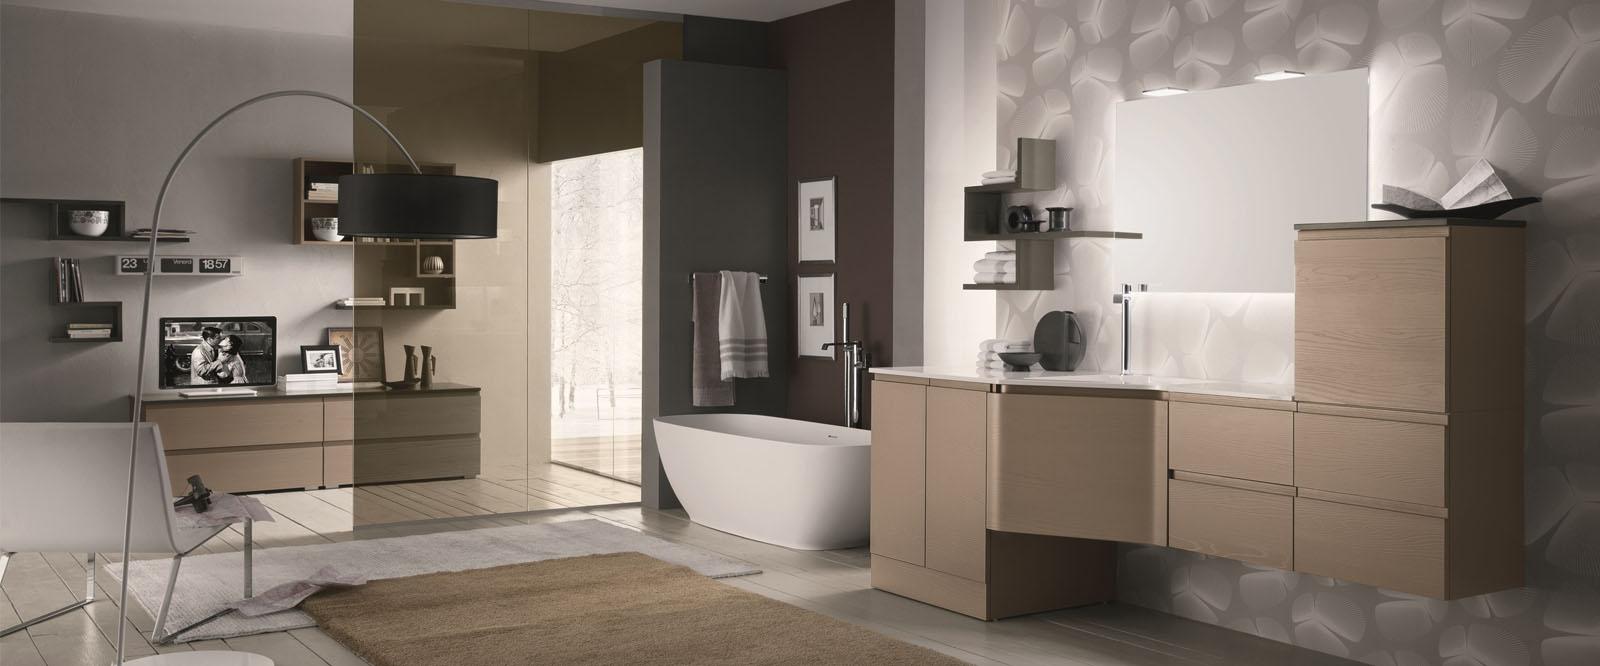 mobili da bagno | npz ceramiche - Npz Arredo Bagno